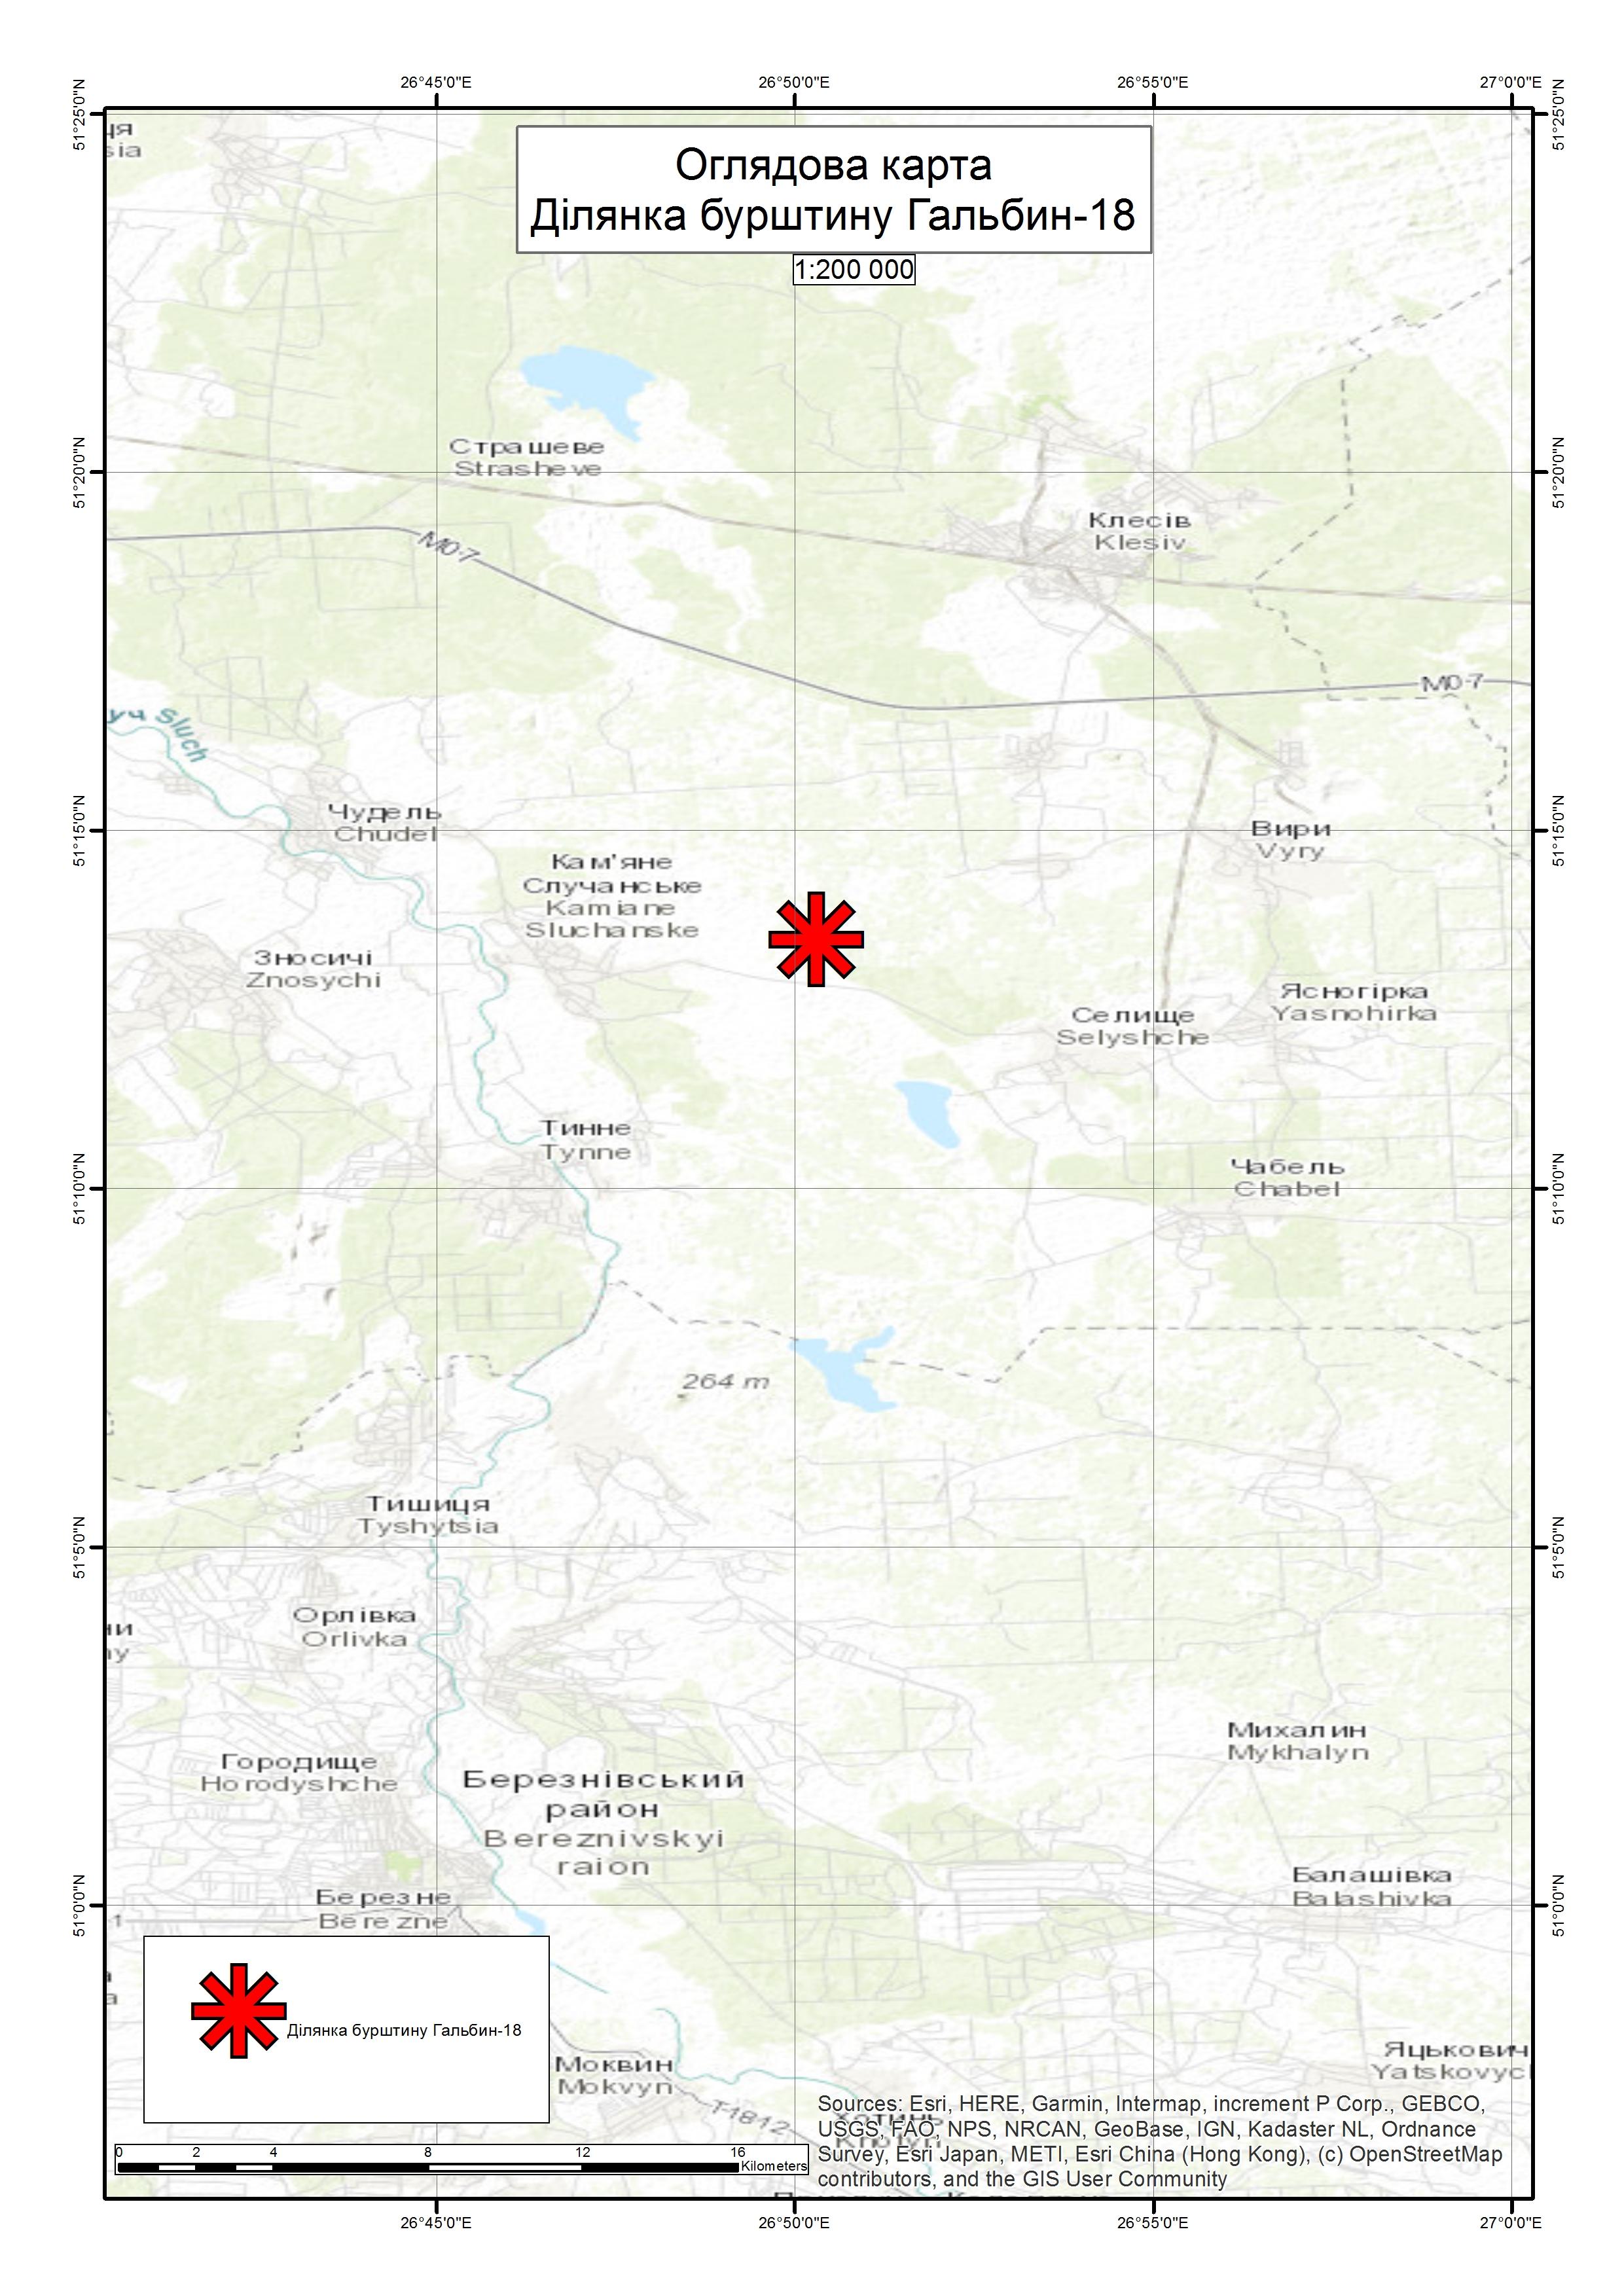 Спеціальний дозвіл на користування надрами – Ділянка Гальбин-18. Вартість геологічної інформації – 102 610,39 грн (з ПДВ). Вартість пакету аукціонної документації – 10 533,74 грн (з ПДВ).